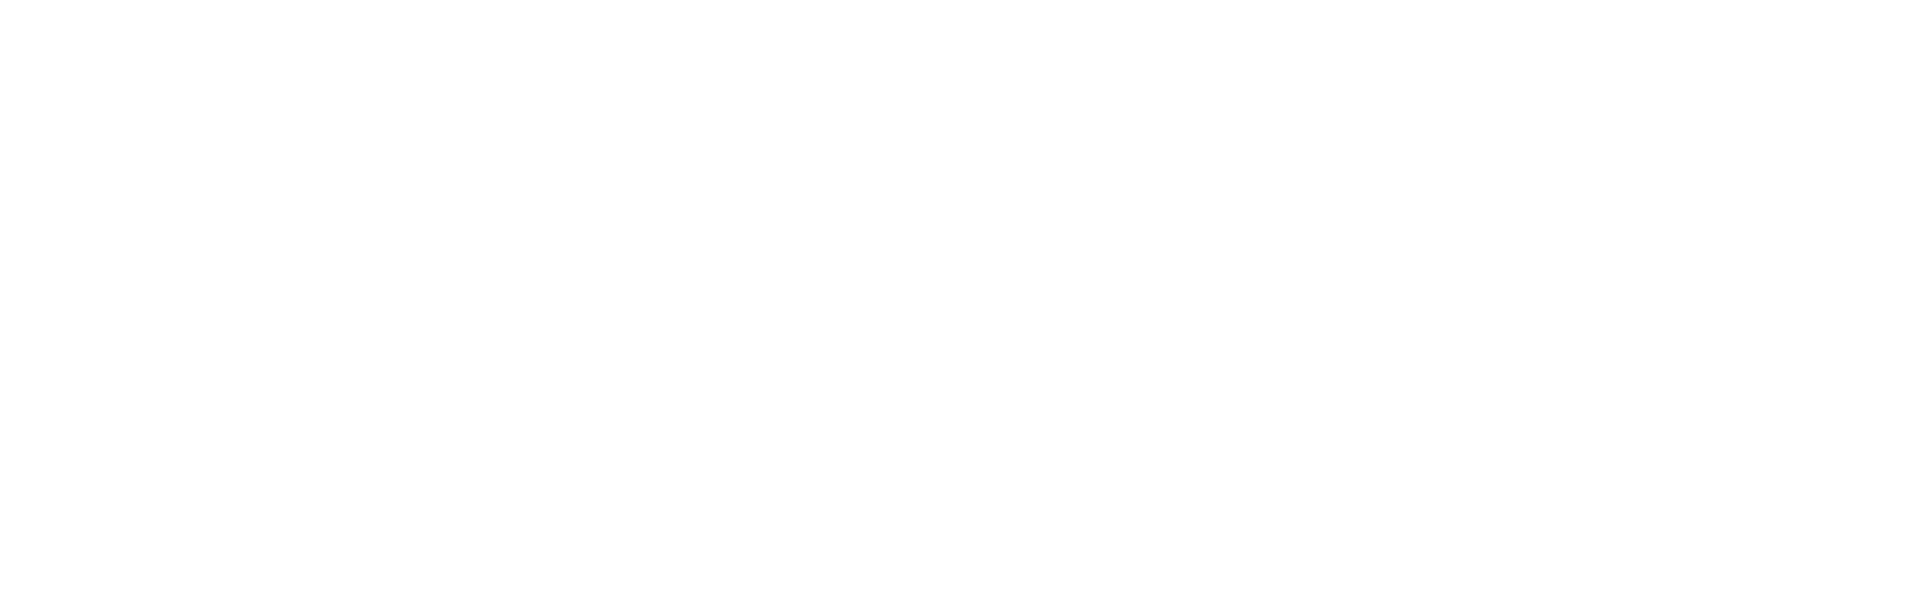 Image Size 1920x600